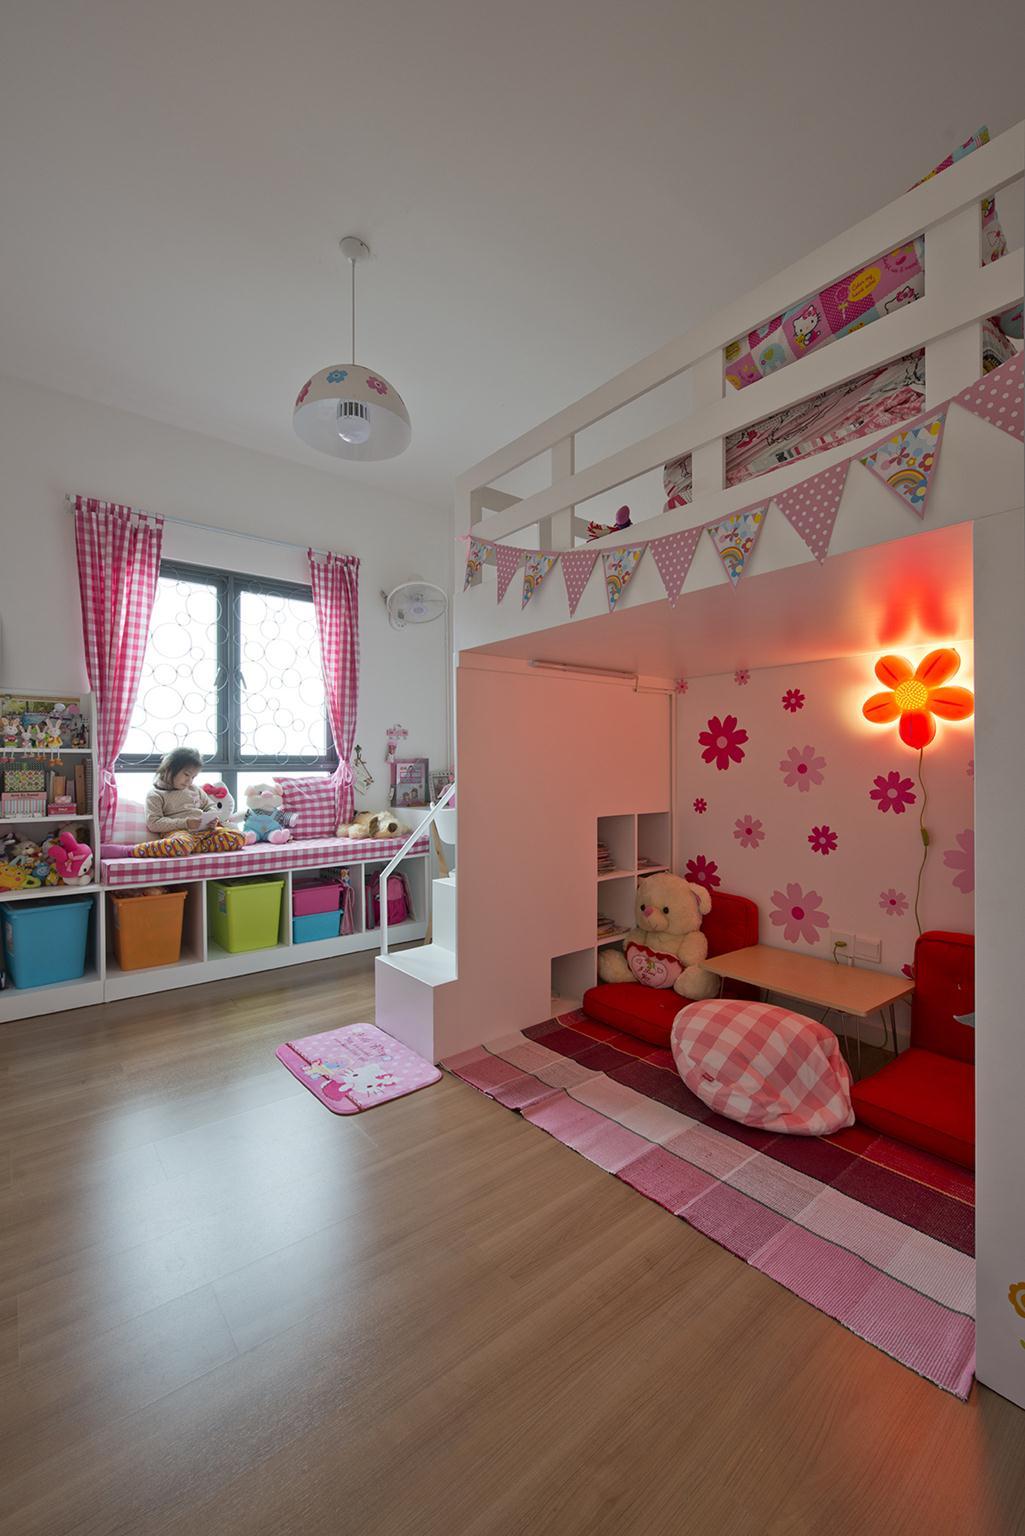 Phòng trẻ em đặc trưng với gam màu hồng. Ảnh © Lê Anh Đức